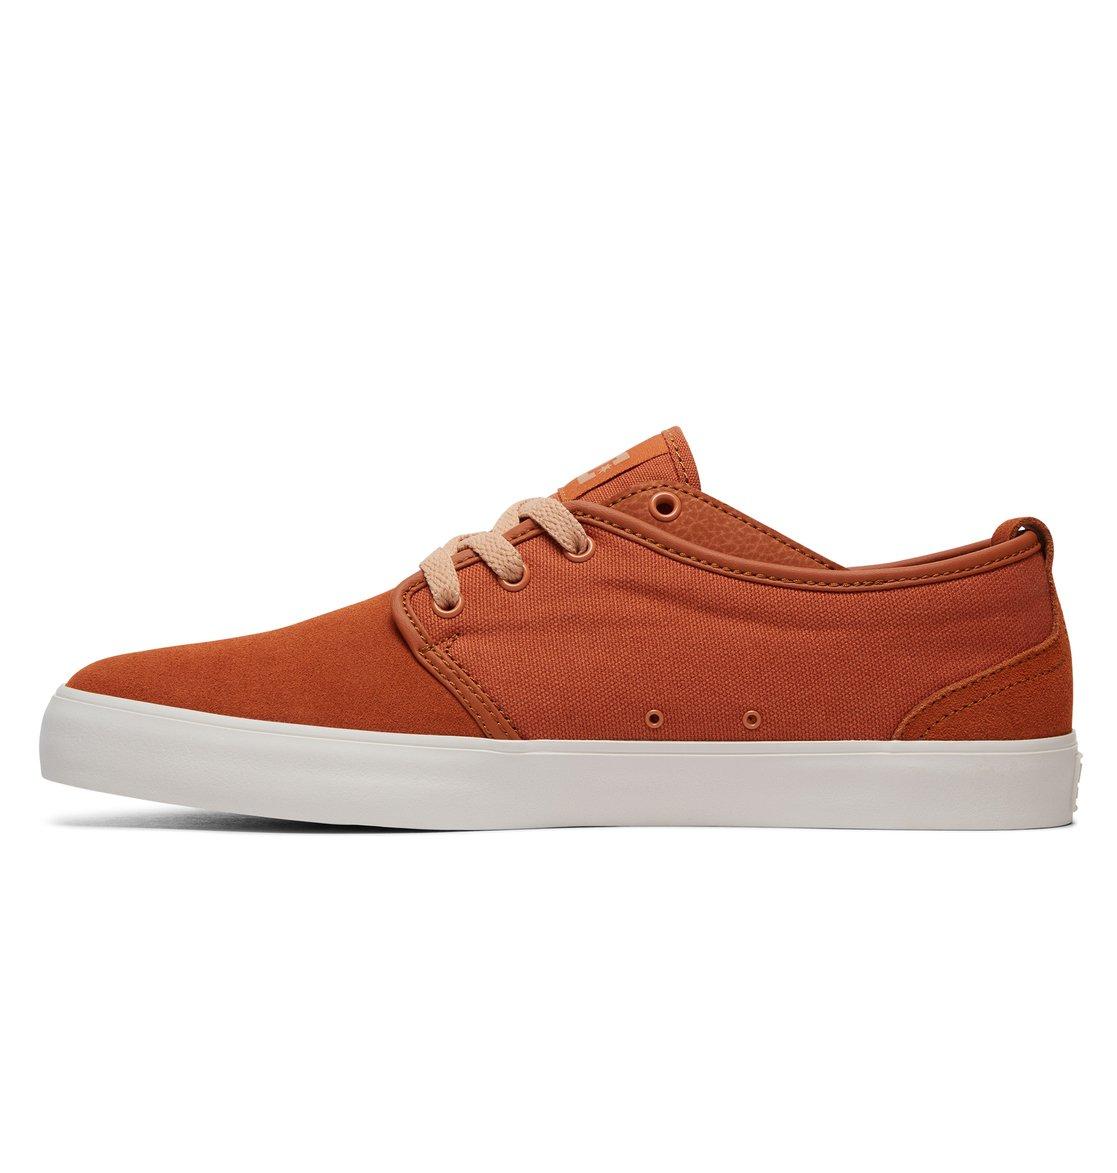 DC Shoes Studio 2 LE - Shoes - Zapatos - Hombre - EU 43 ukZOVc2H